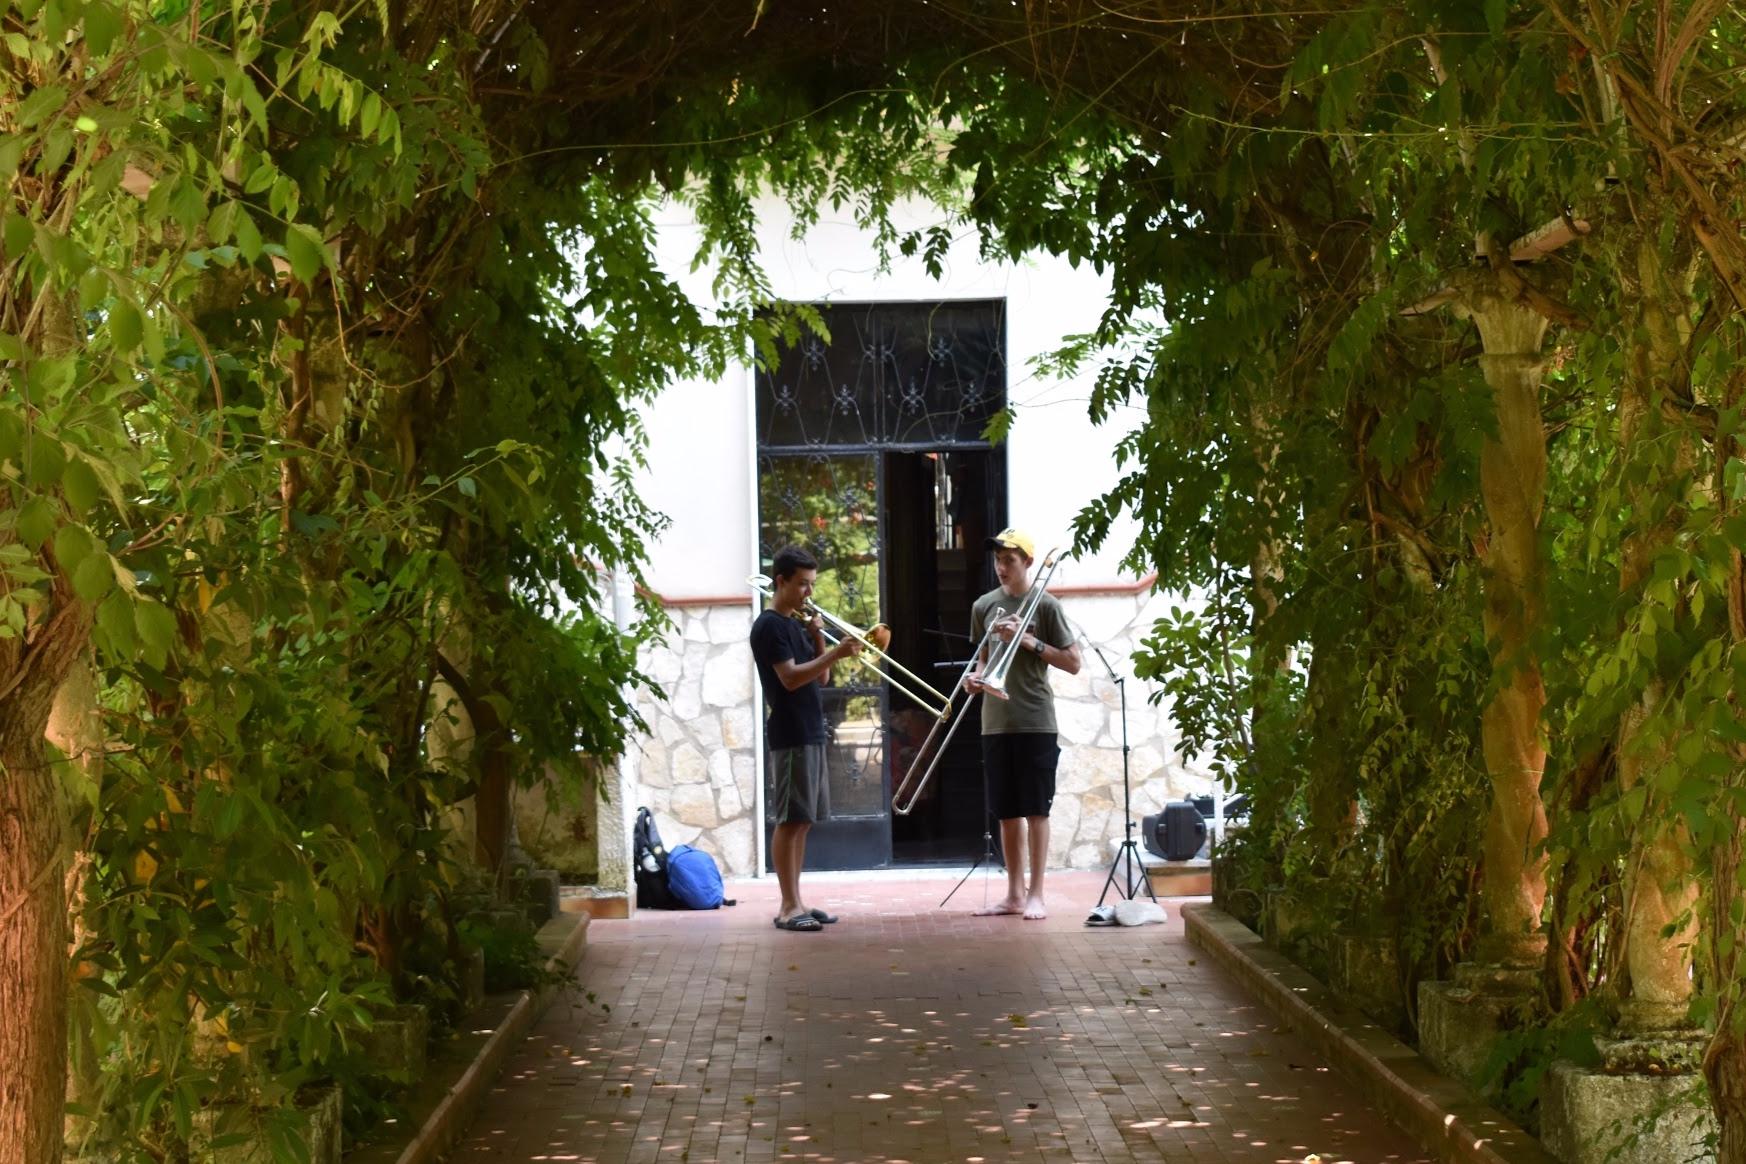 Trombone playing in the Italian sun.